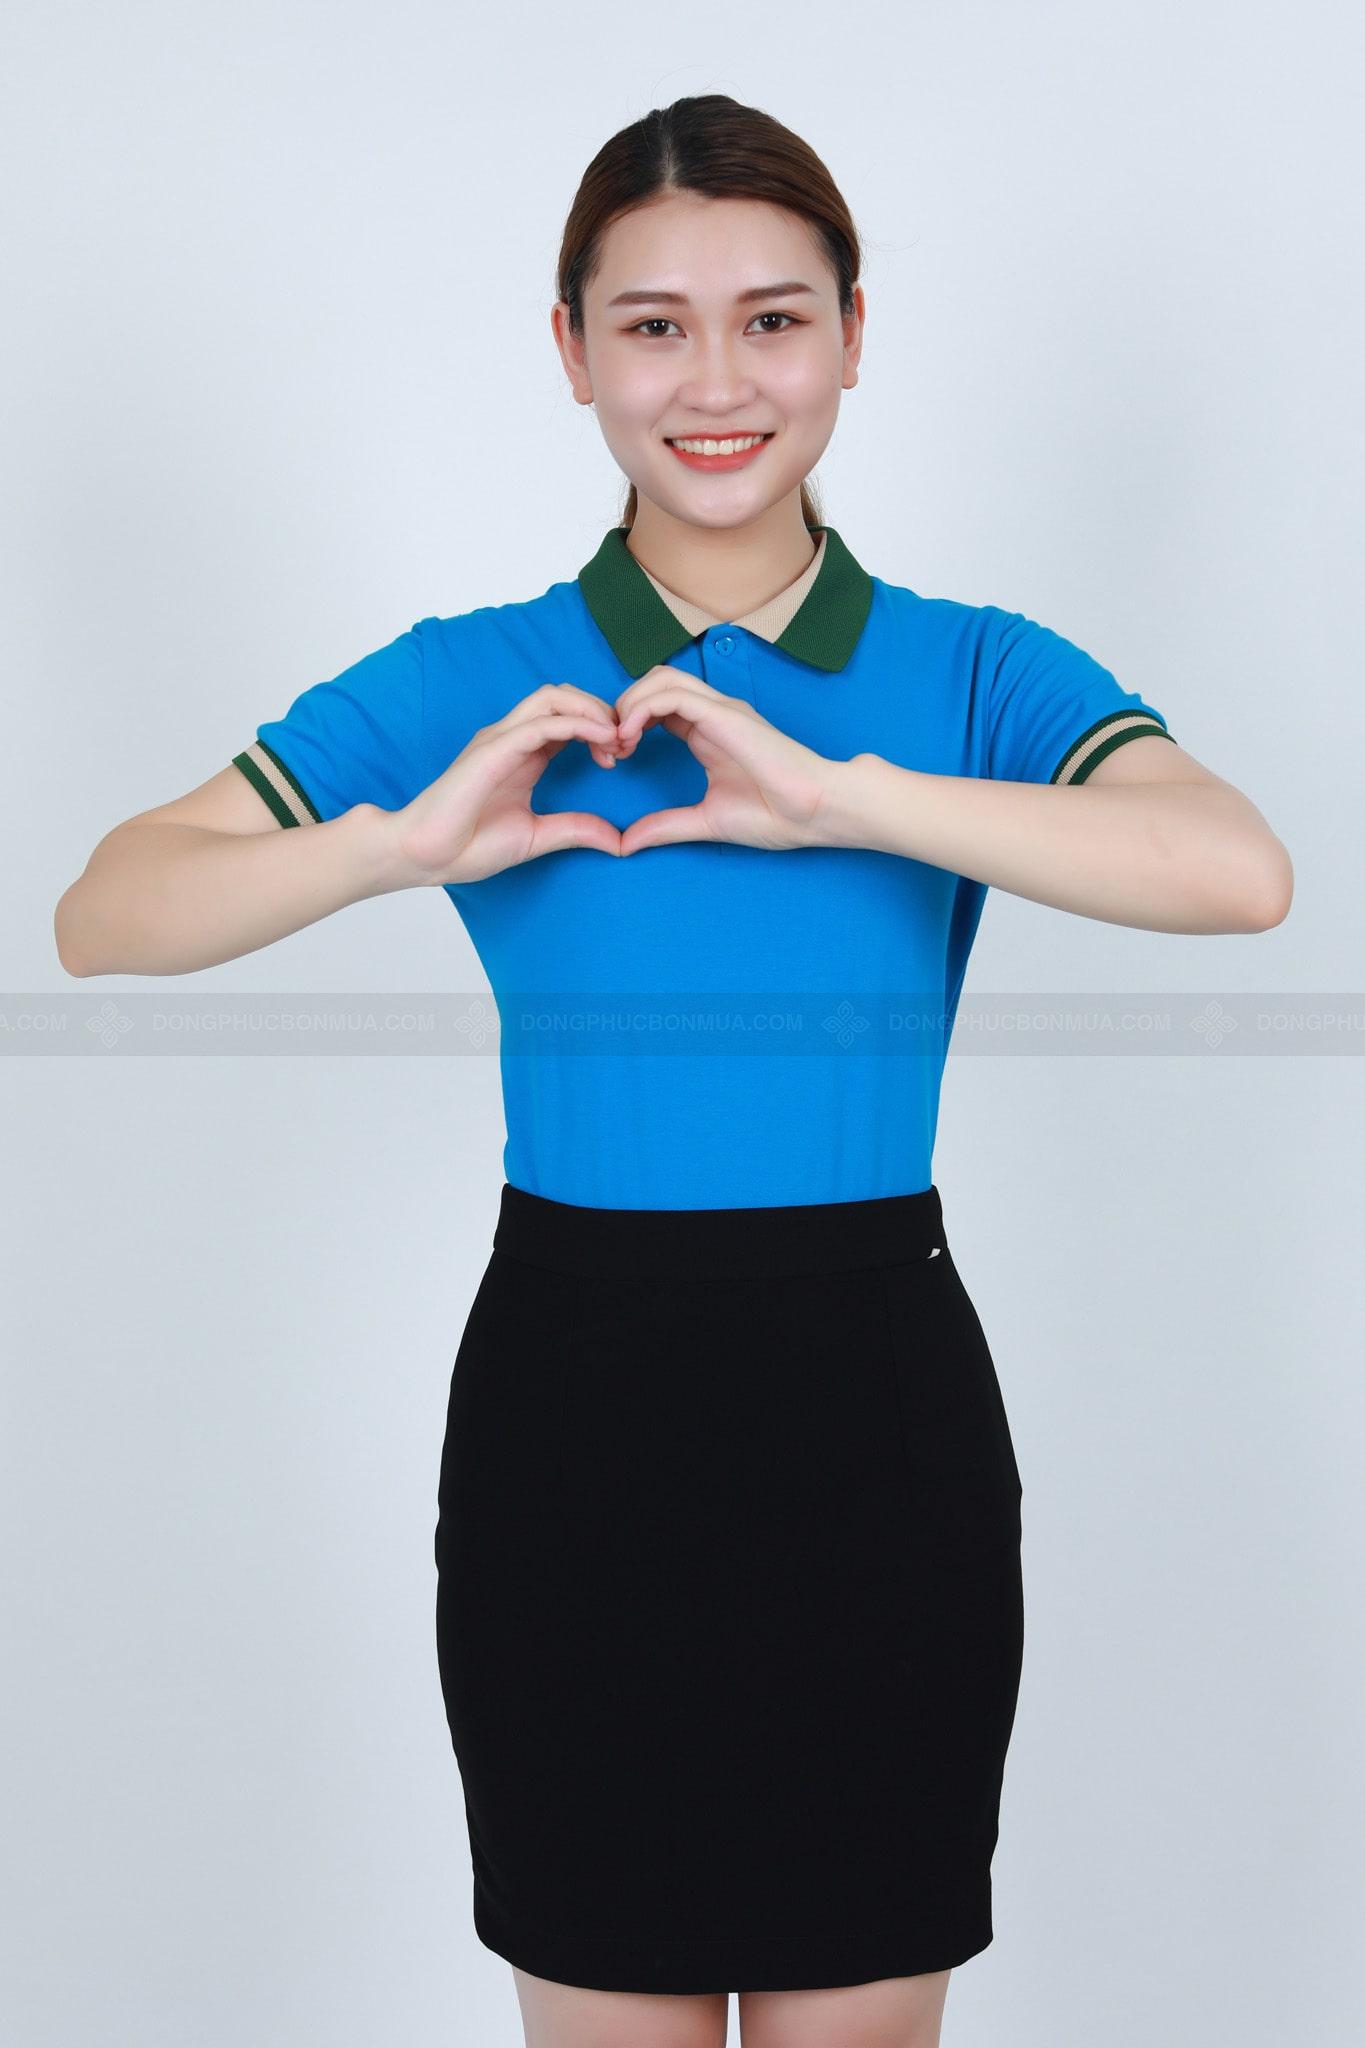 màu áo đồng phục công ty hợp phong thủy